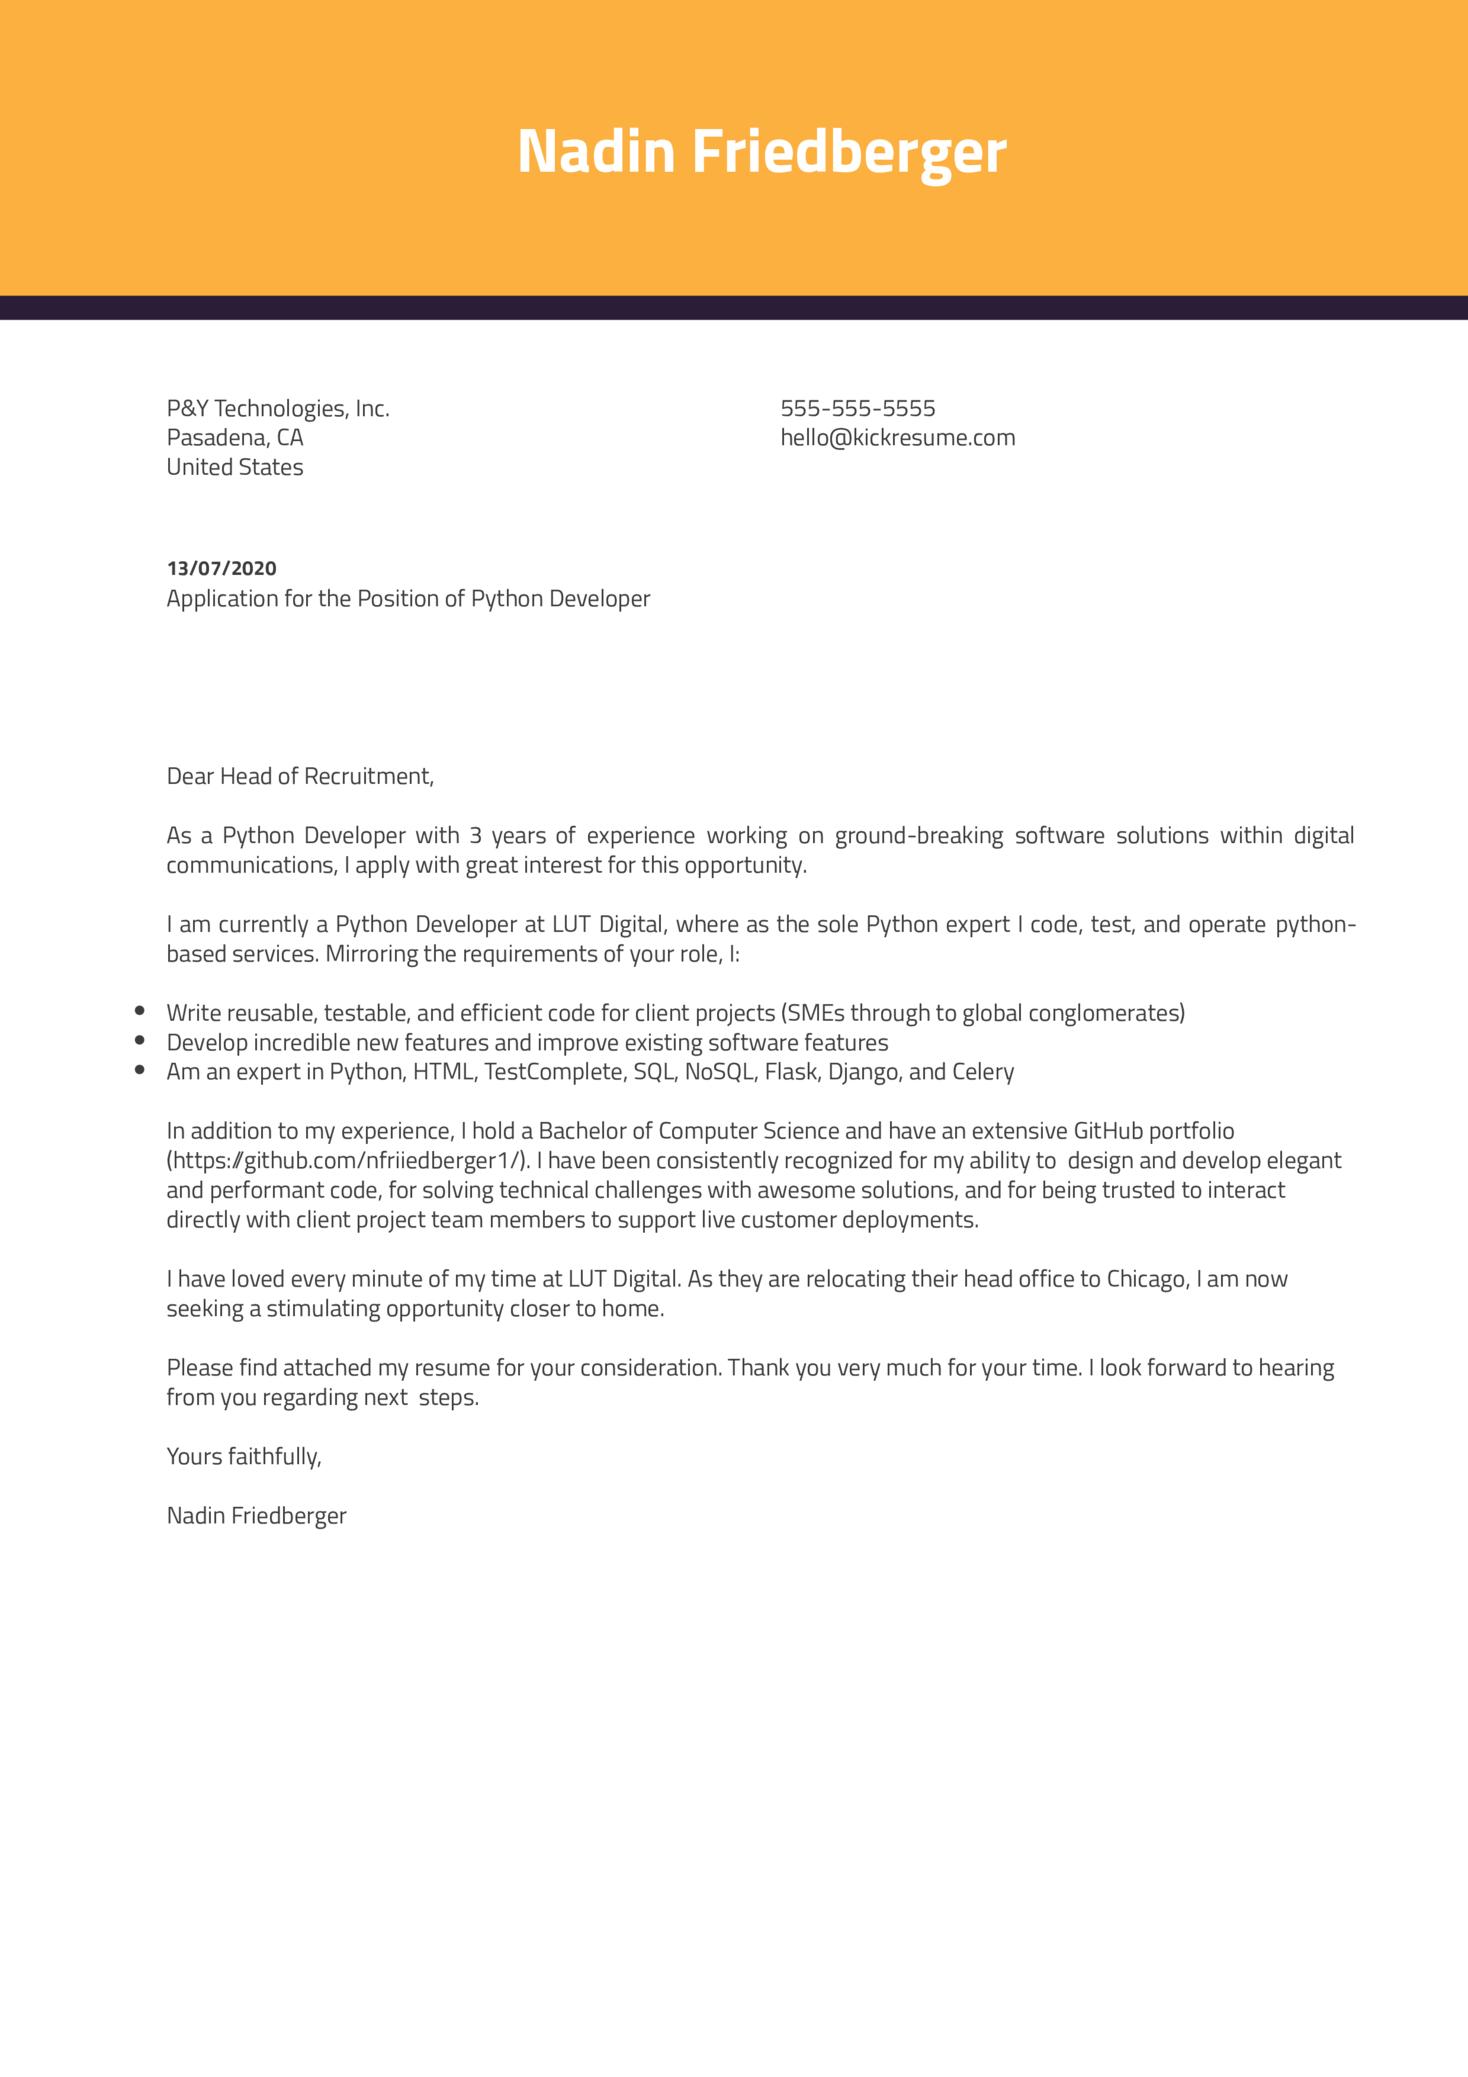 Python Developer Cover Letter Example